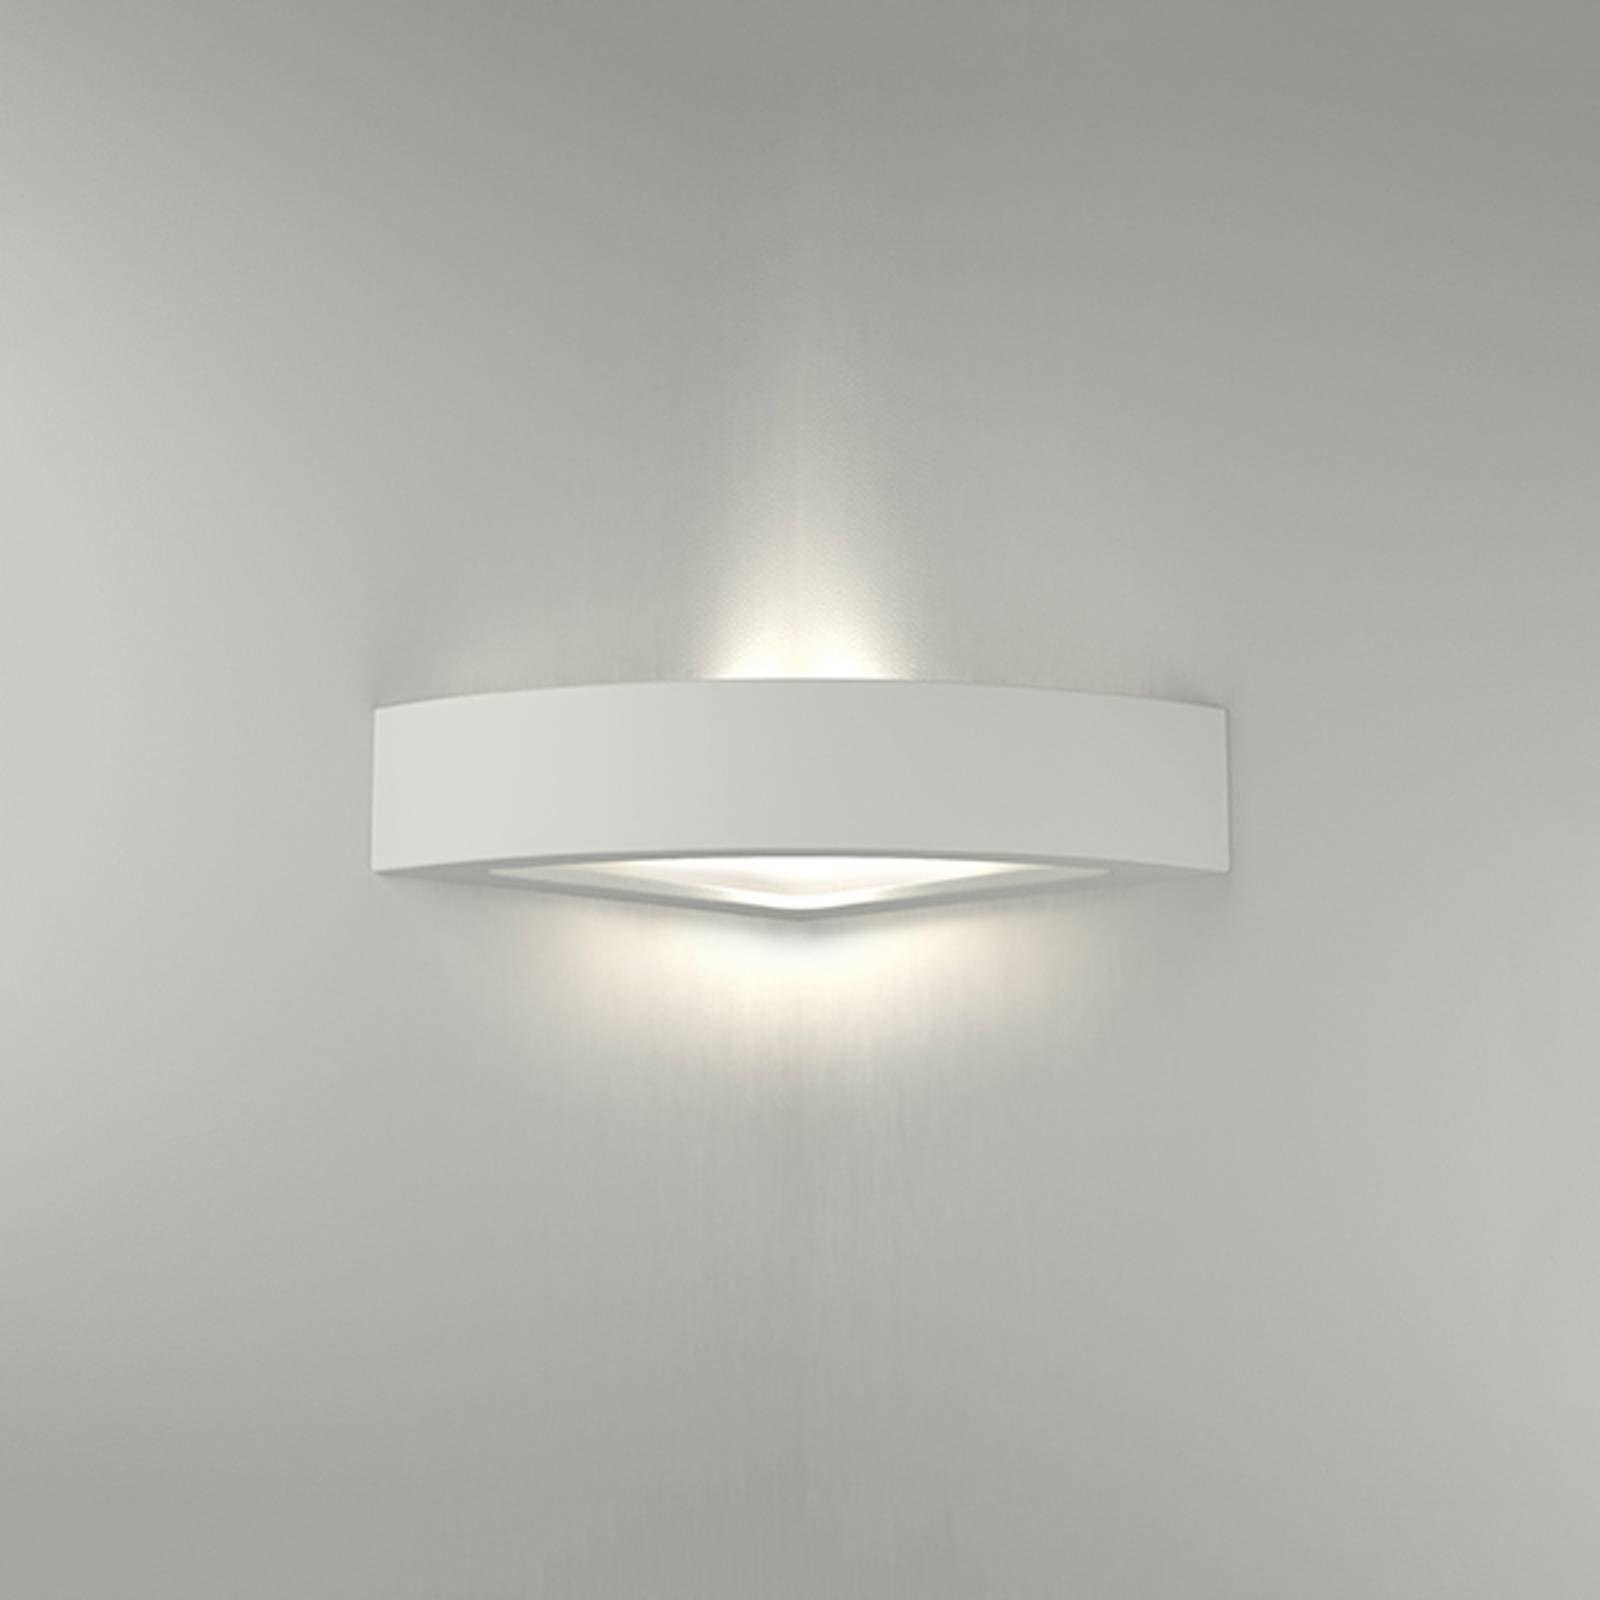 LED-vegglampe 8056 kantet 3 000 K kan ikke dimmes